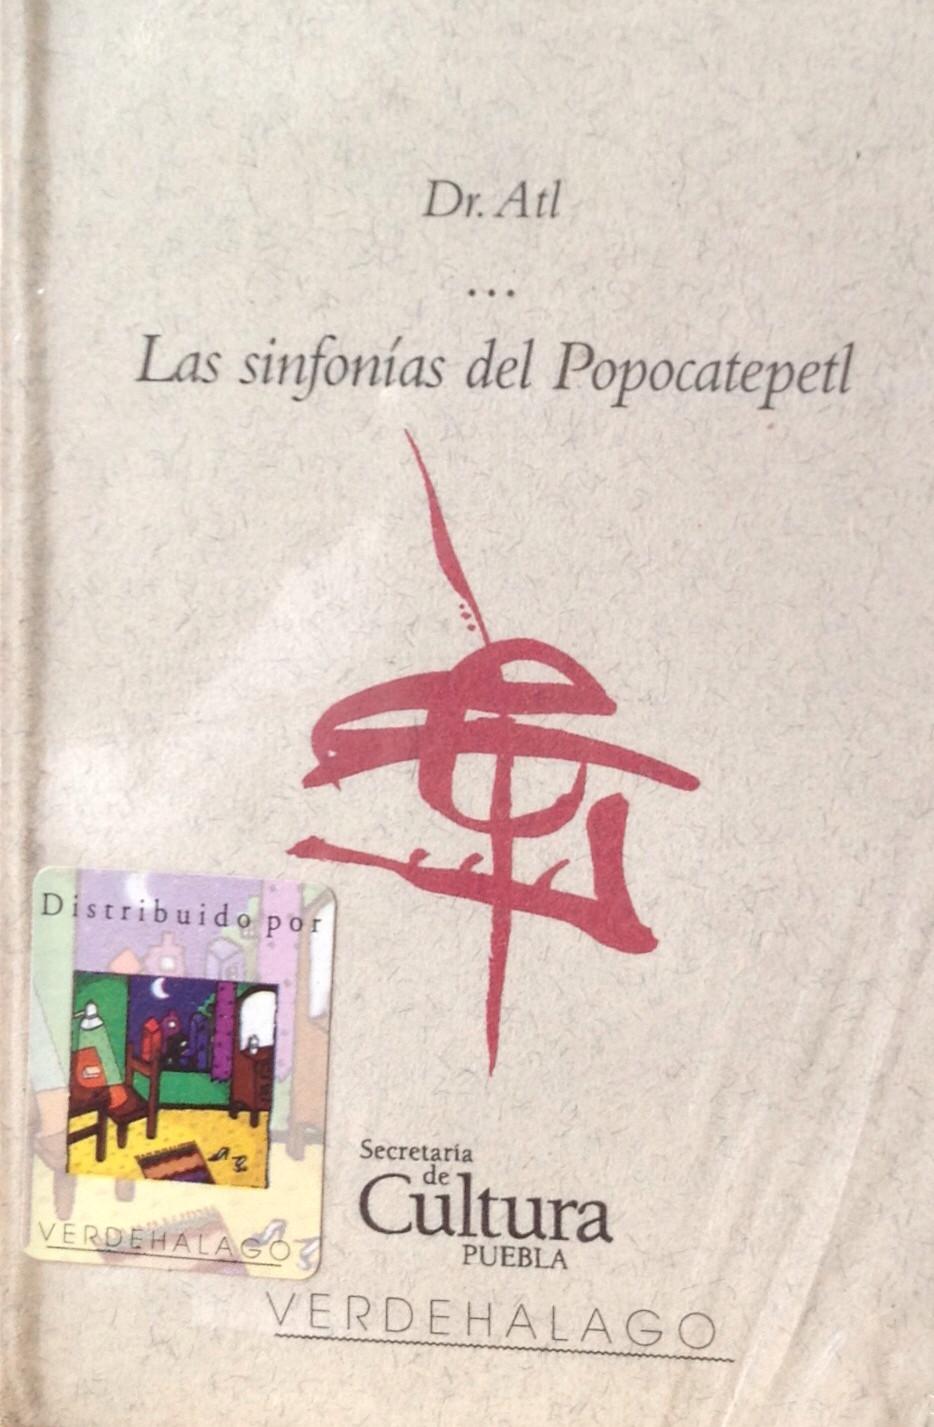 Dr. Atl, Sinfonías del Popocatépetl.